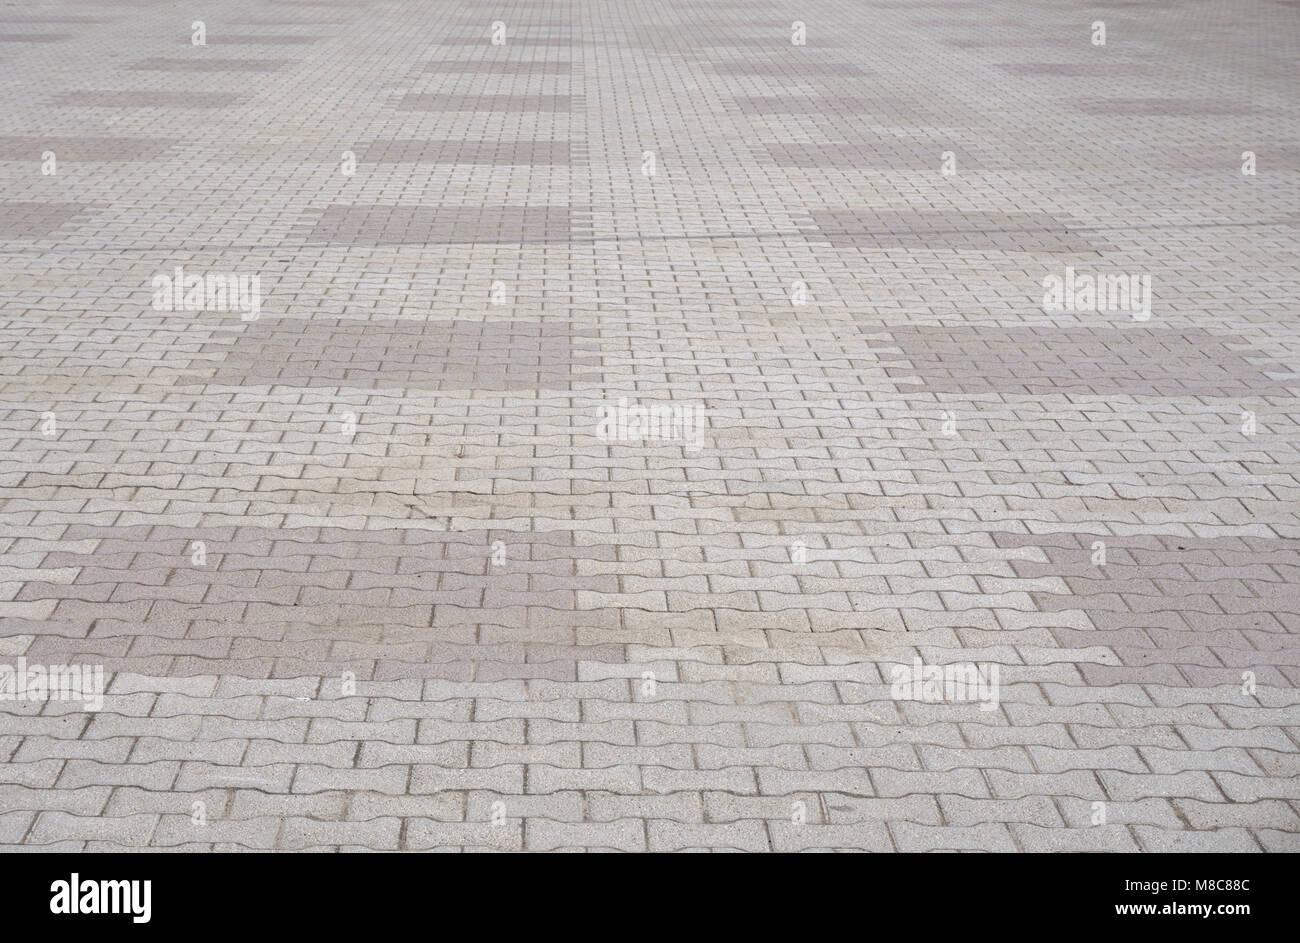 Piastrelle mattoni a vista b b rivestimenti in pietra naturale